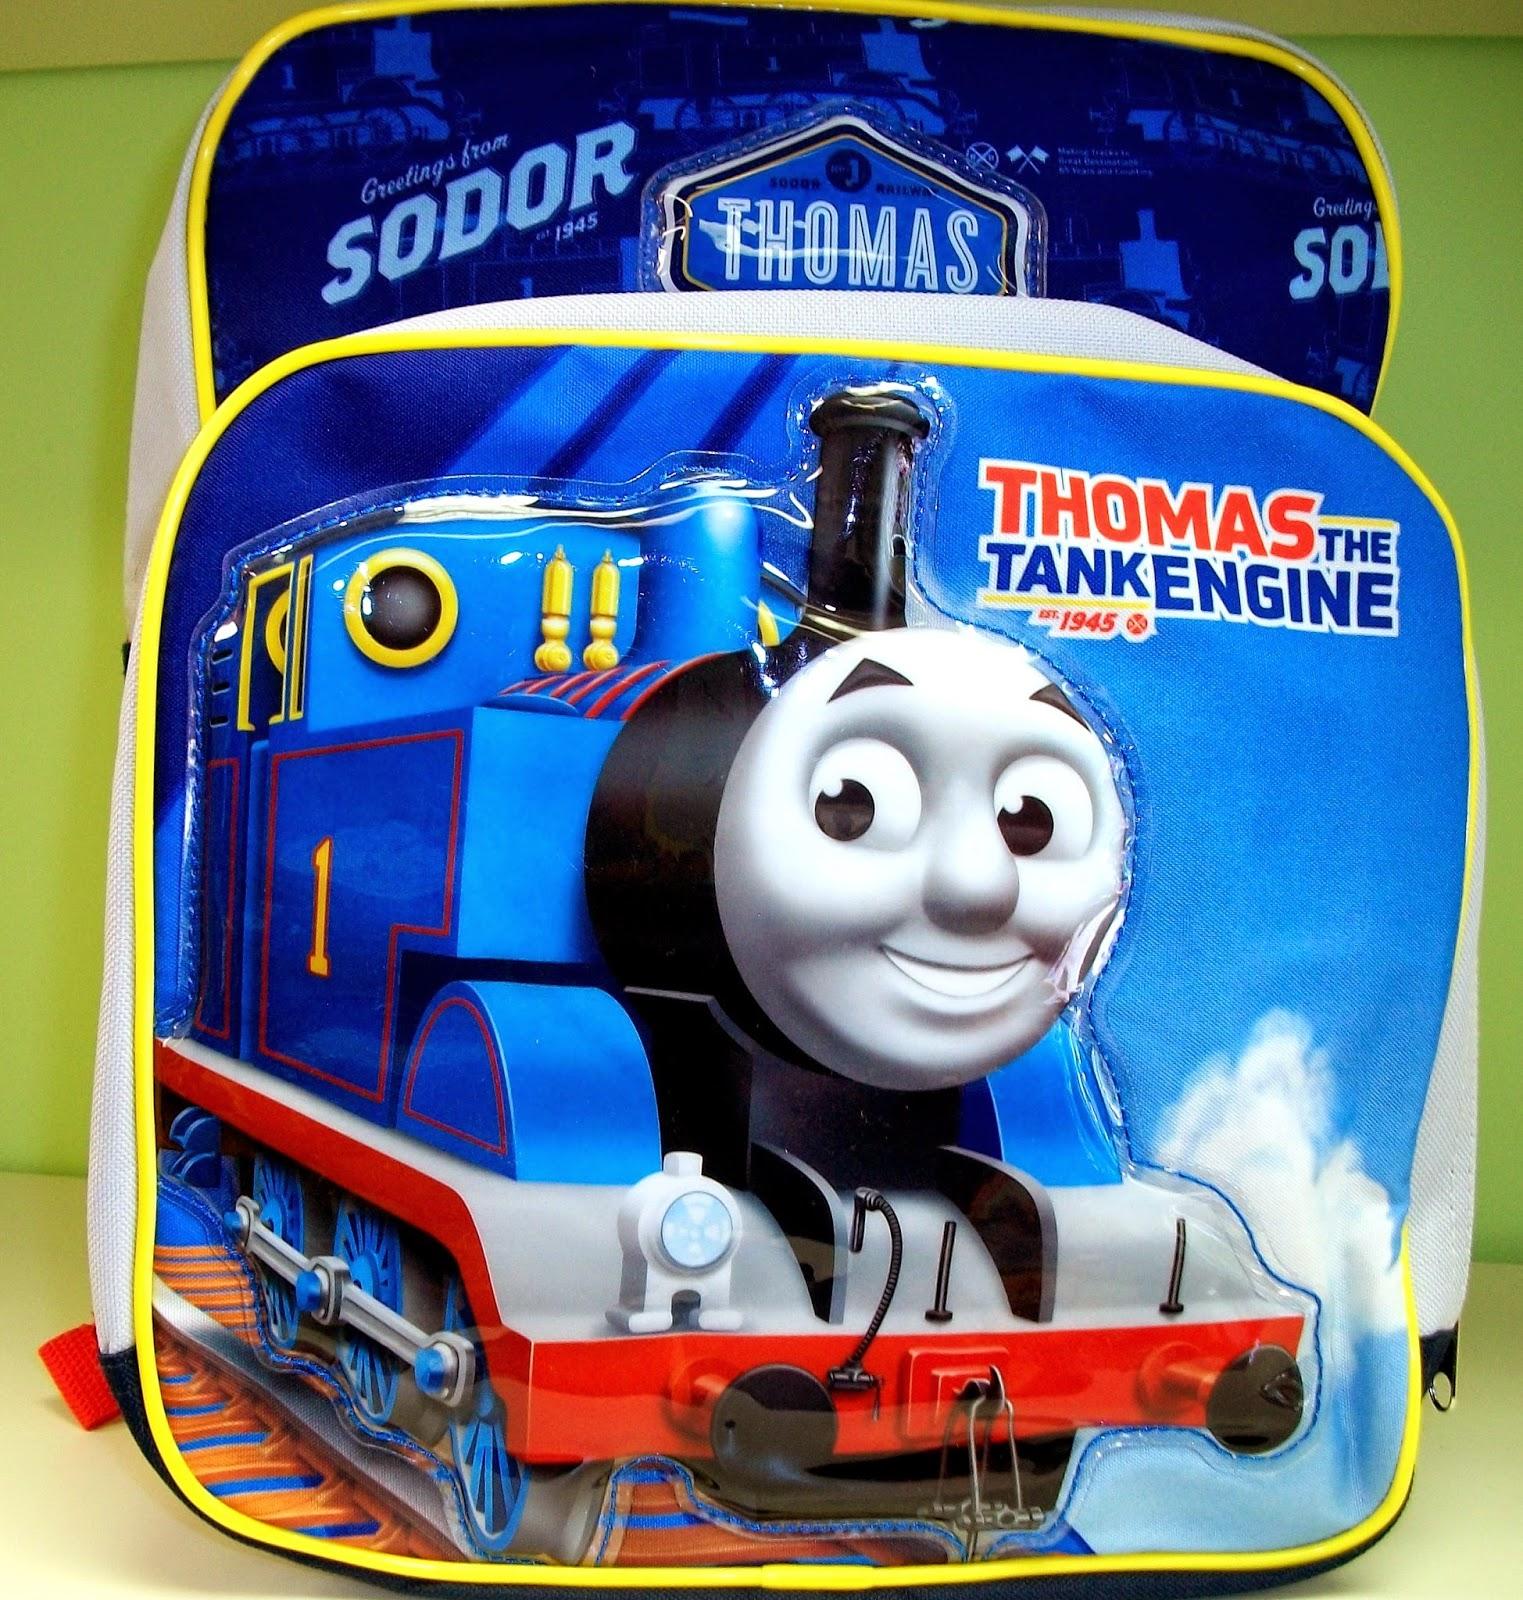 Gratis gambar tas ransel lucu thomas untuk anak